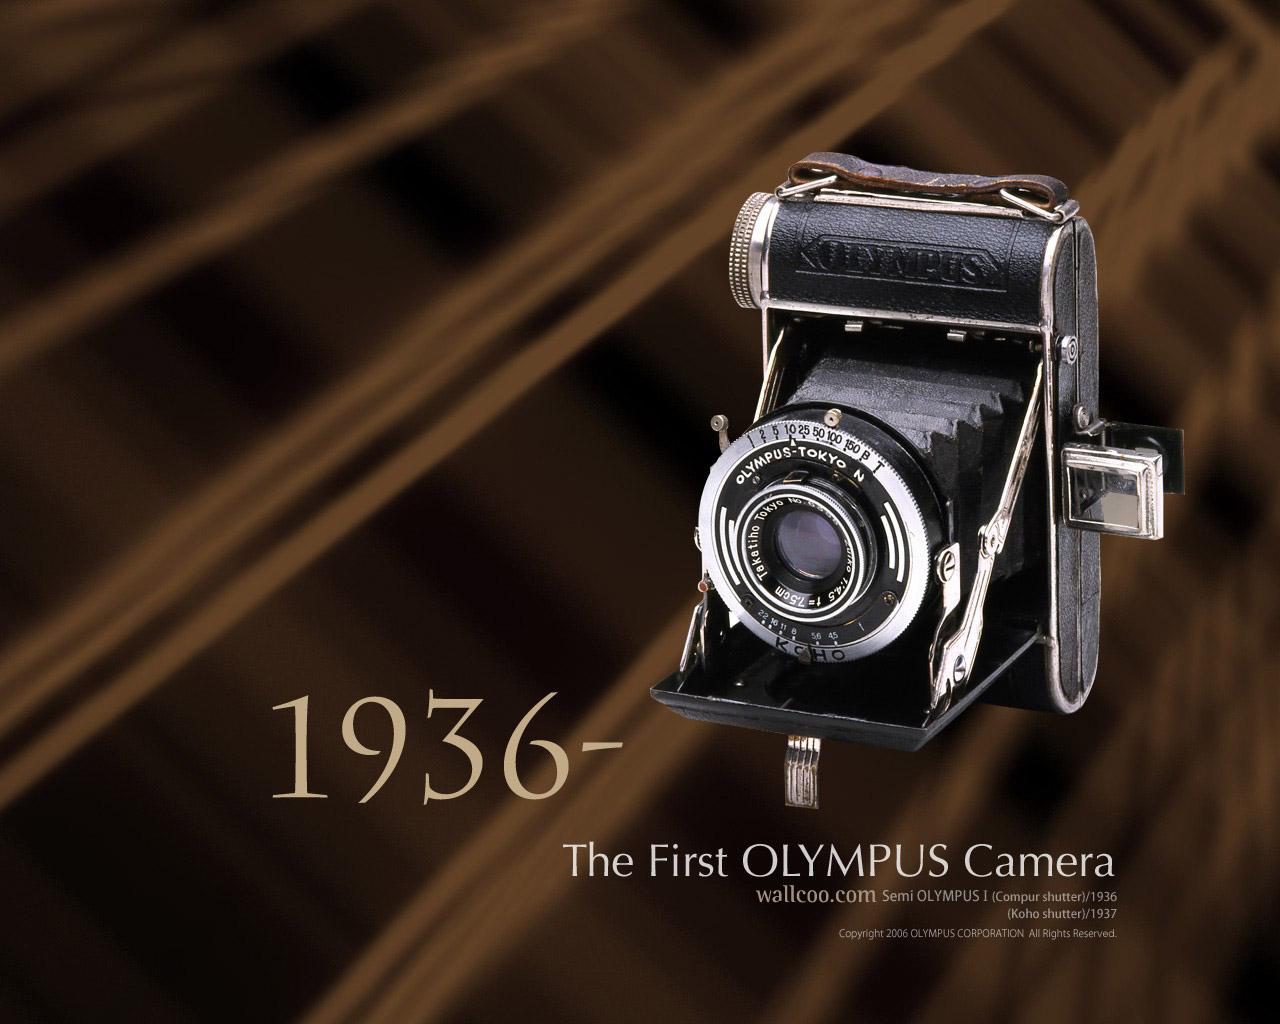 壁纸1280×10241936年 第一部奥林巴斯相机 The First Olympus Camera Semi Olympus I壁纸 Olympus 奥林巴斯70年经典相机壁纸上辑壁纸图片广告壁纸广告图片素材桌面壁纸